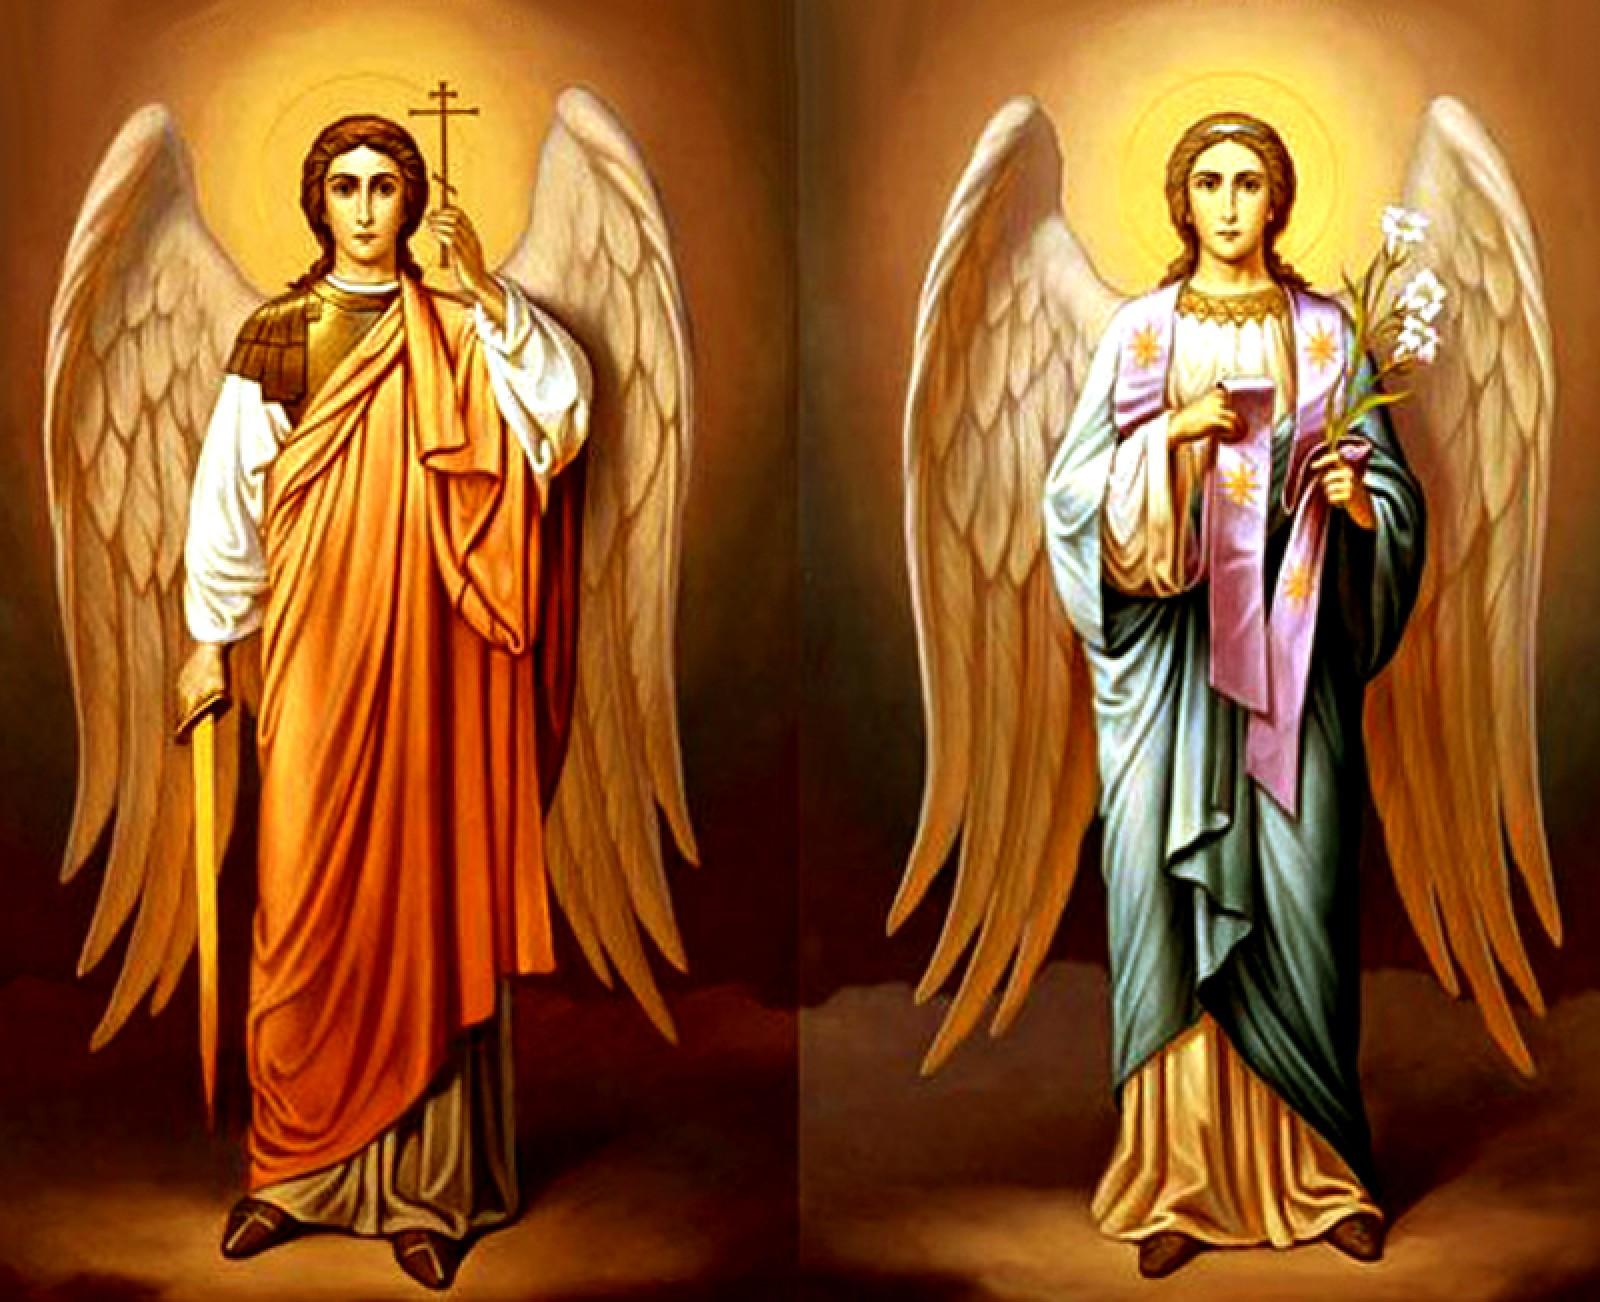 Sfinții Arhangheli Mihail și Gavriil sunt prăznuiți în fiecare an pe 8 noiembrie, 8 fiind simbolul veșniciei